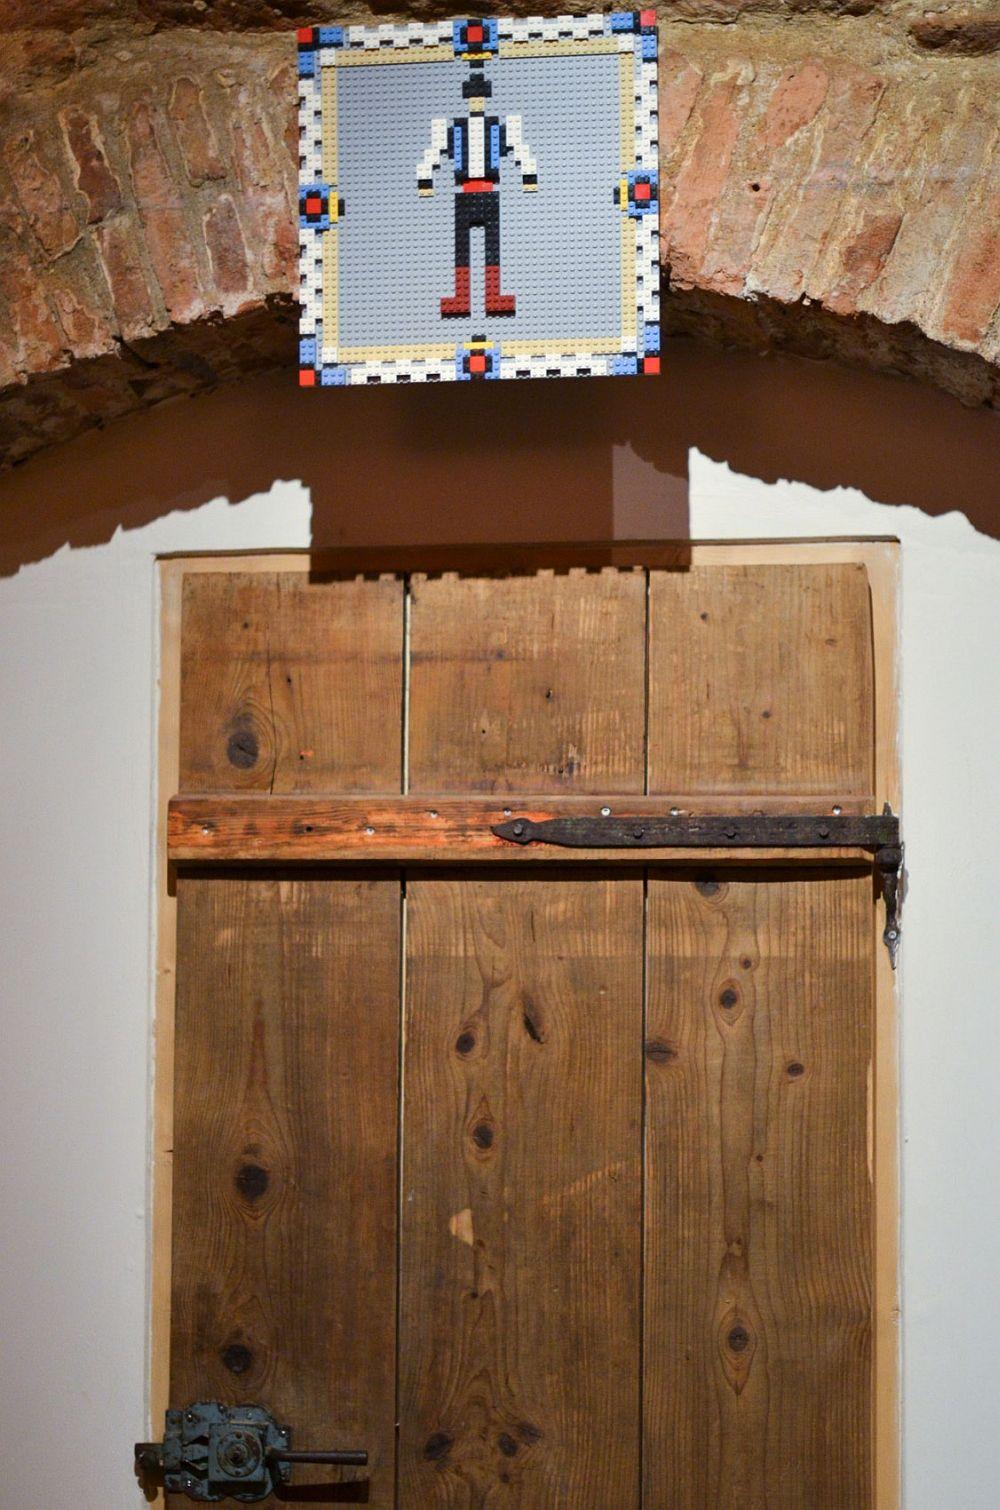 adelaparvu.com despre idei decorative in stil traditional romanesc, Lacrimi si Sfinti, arh Cristian Corvin (10)